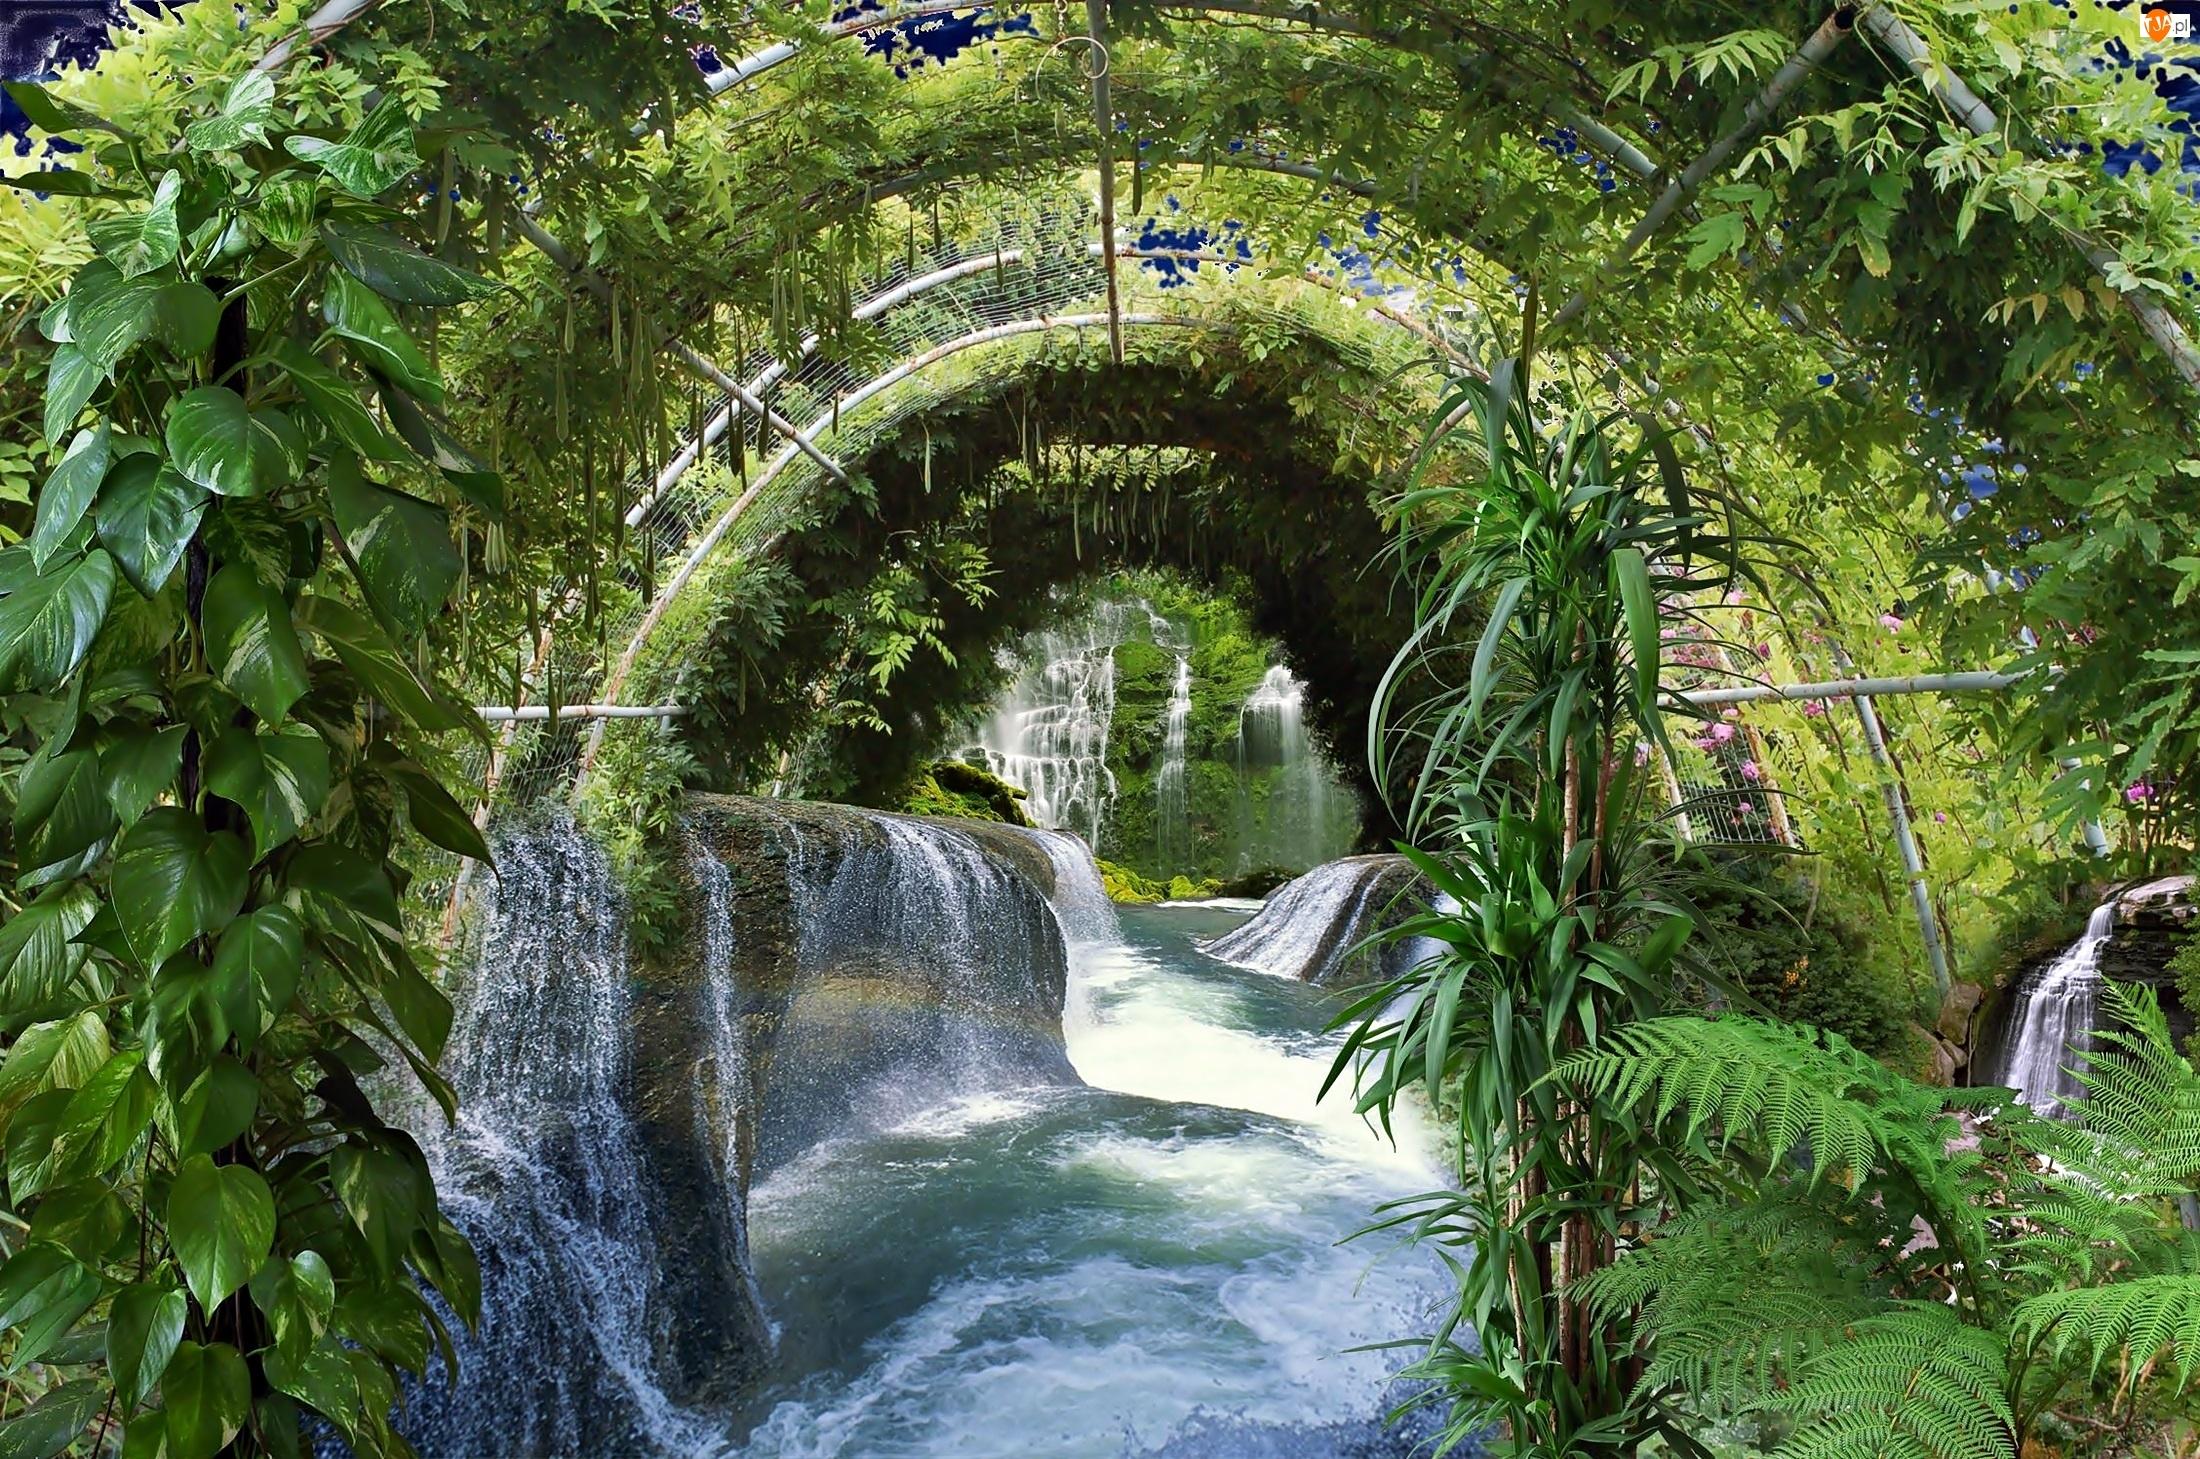 Rzeka, Roślinność, Wodospad, Skały